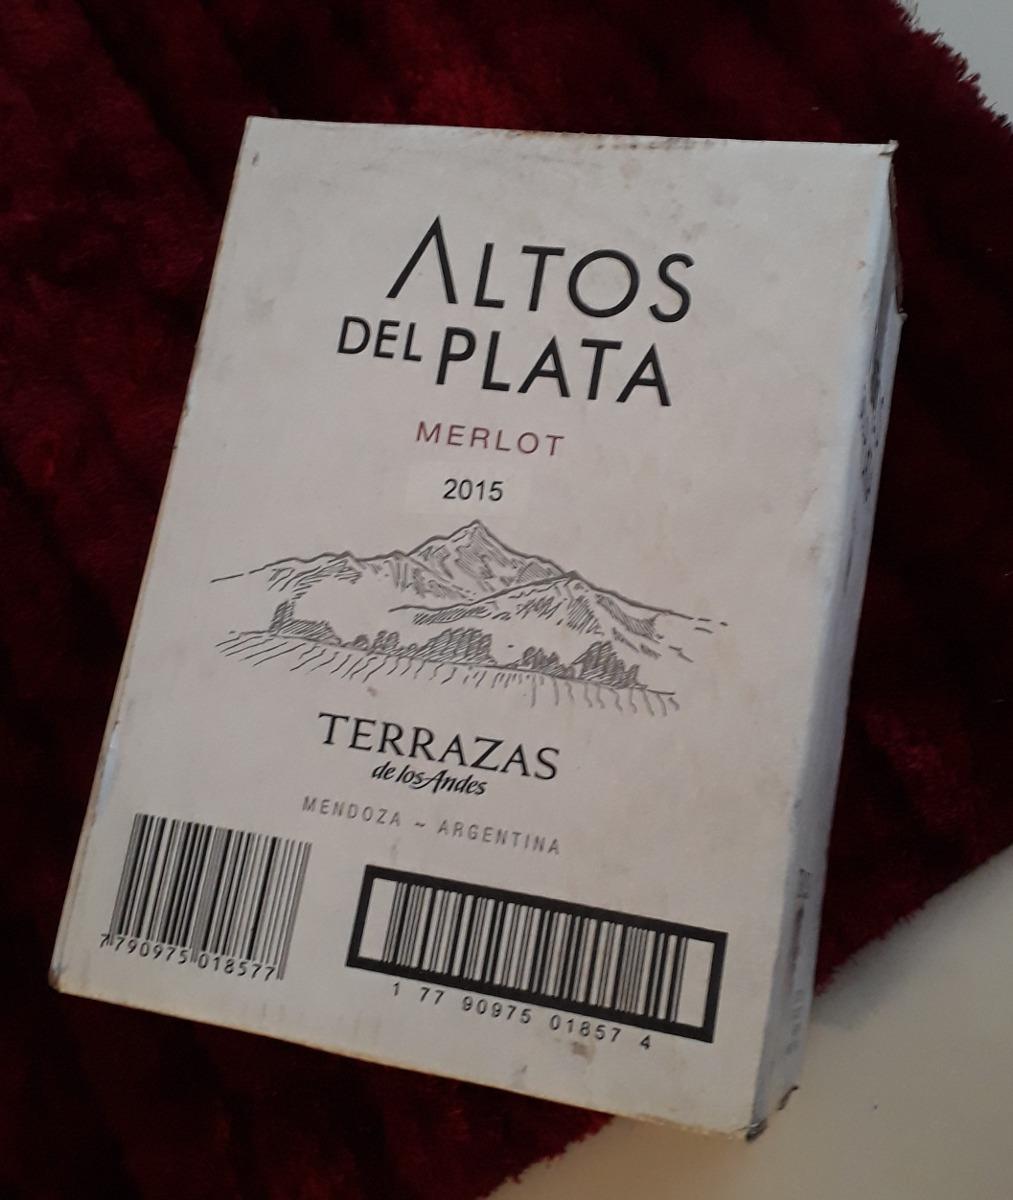 Terrazas De Los Andes Altos Del Plata Merlost 2015